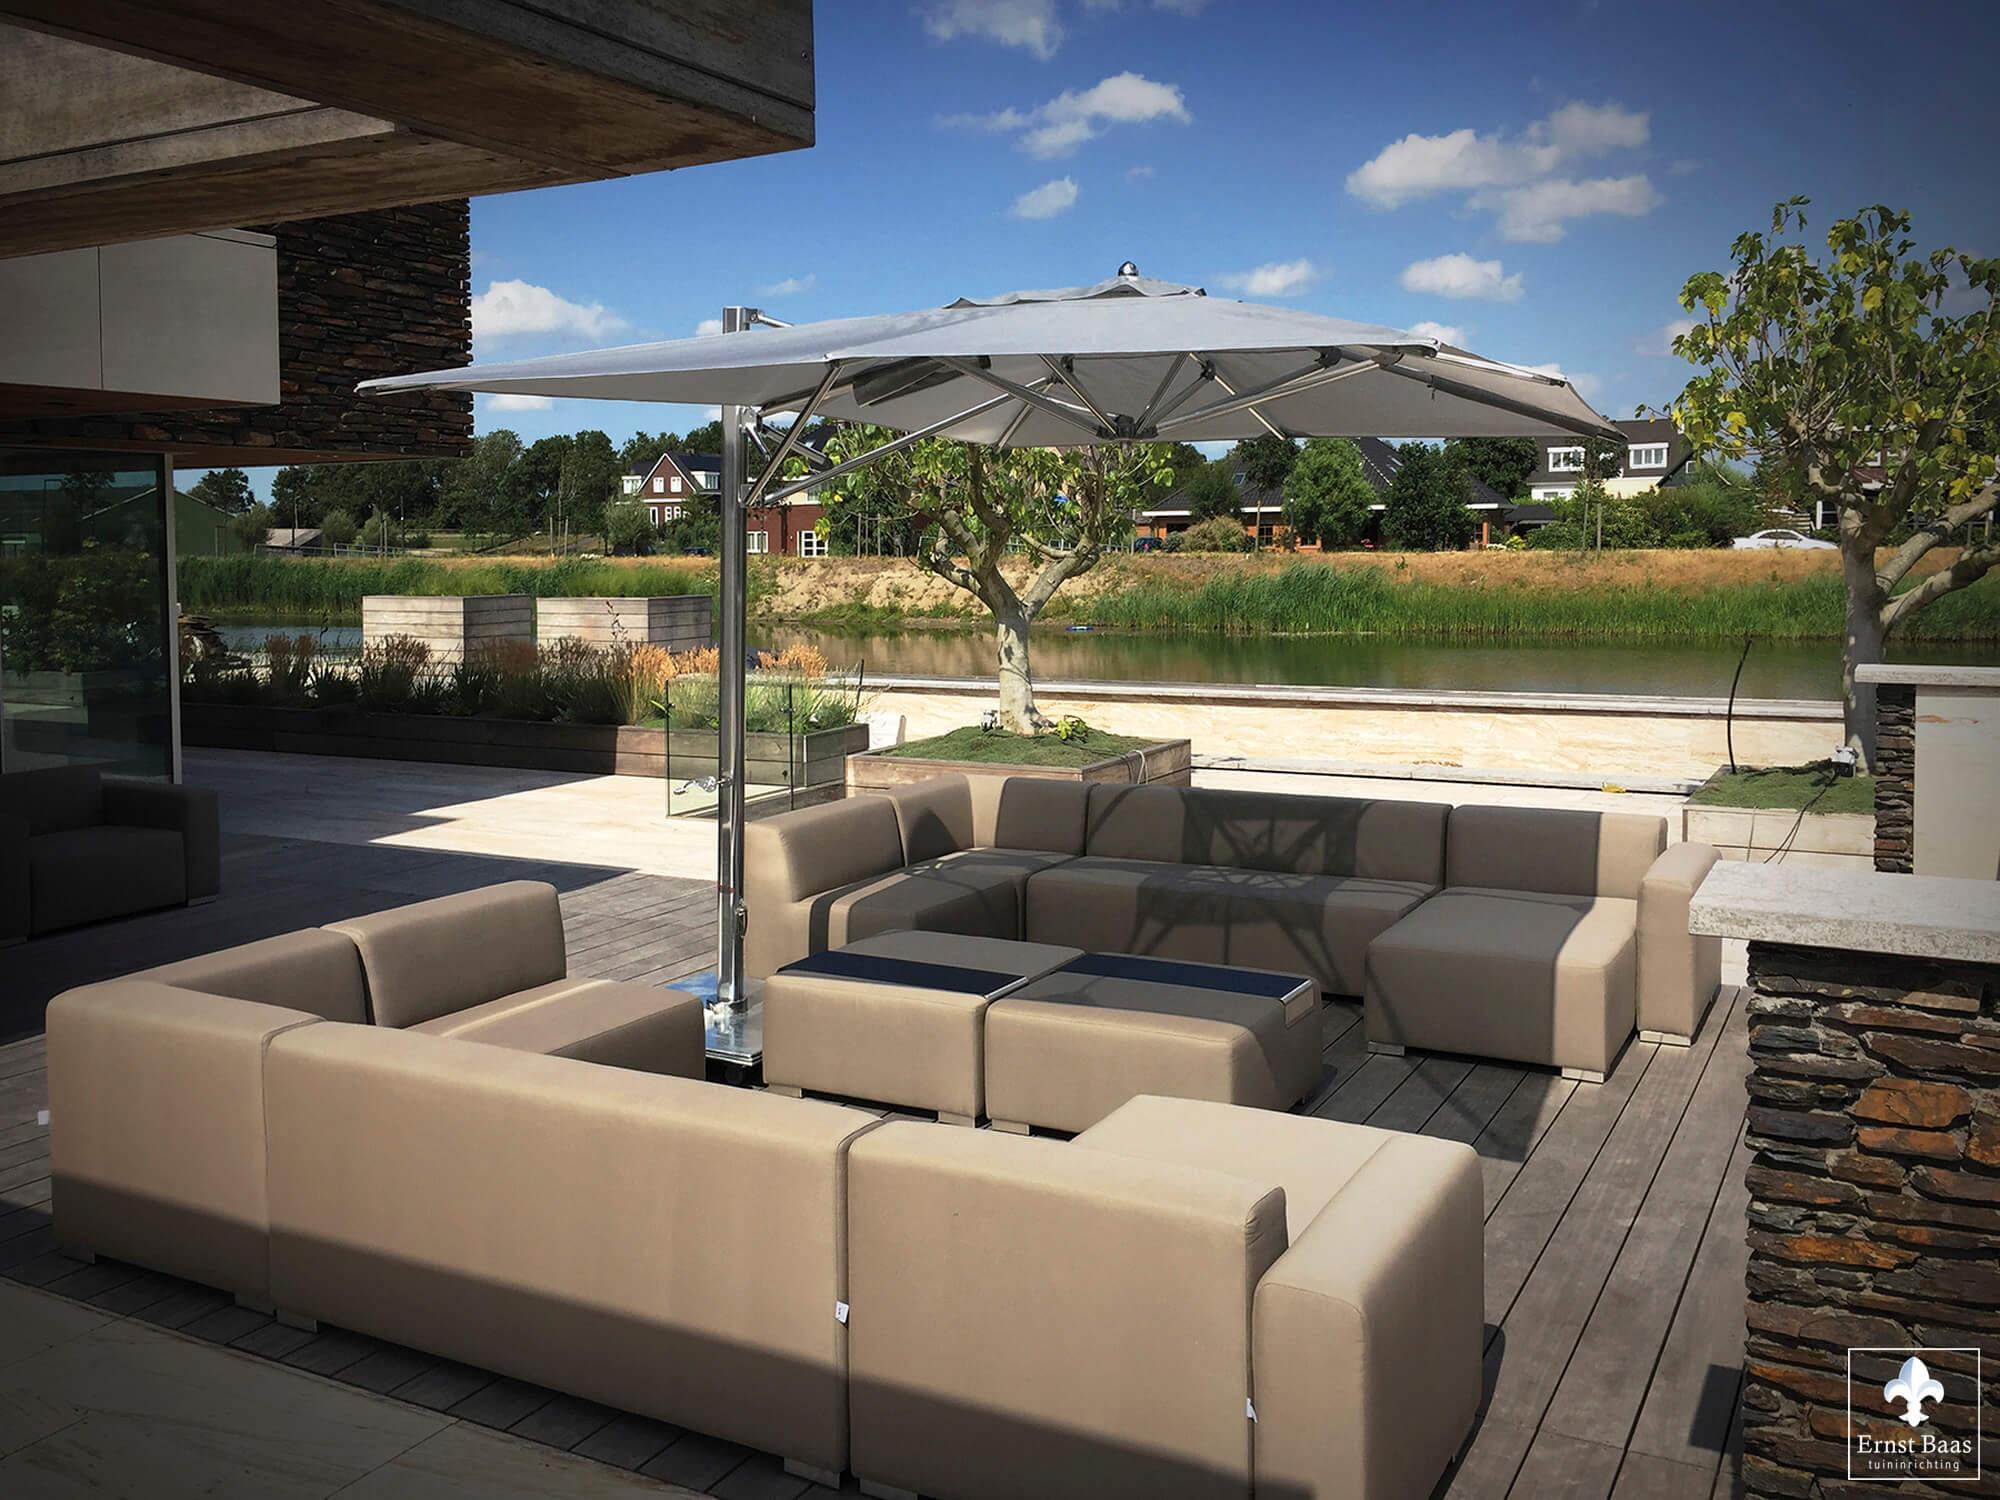 Tuininrichting ernst baas hoveniersbedrijf in waddinxveen - Moderne hoek lounge ...